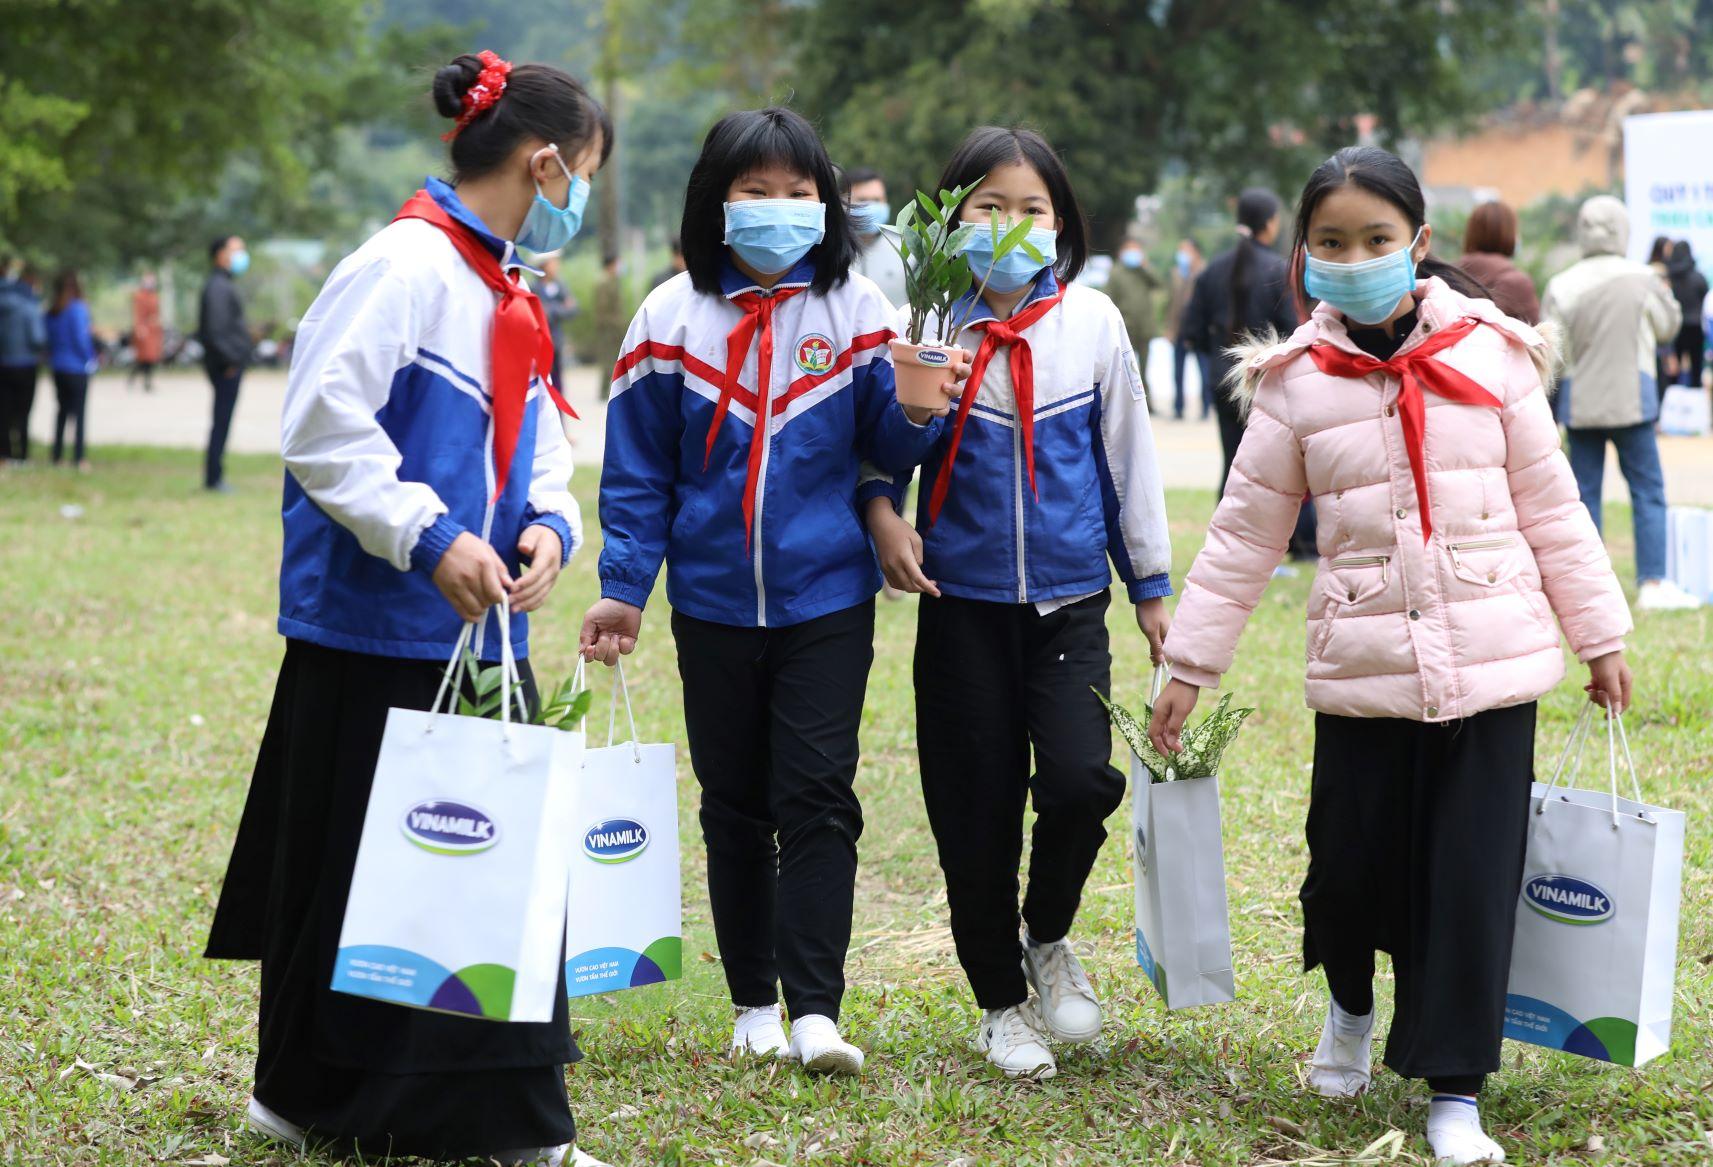 """Quỹ 1 triệu cây xanh cho Việt Nam của Vinamilk - Chương trình vì môi trường tạo được """"dấu ấn xanh"""" đặc biệt với cộng đồng 17"""